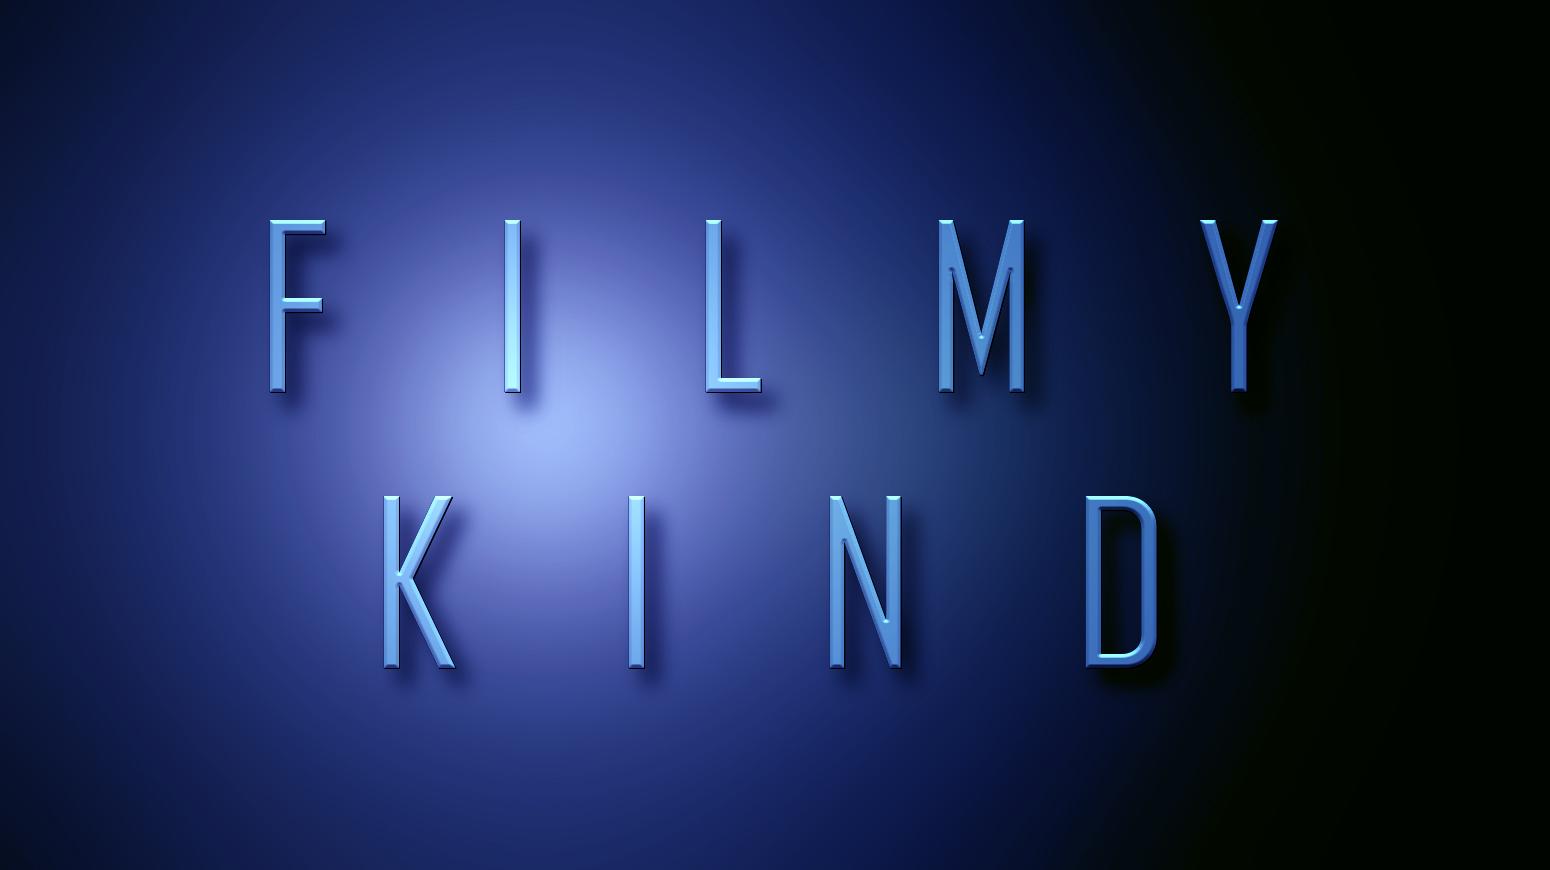 Filmy Kind